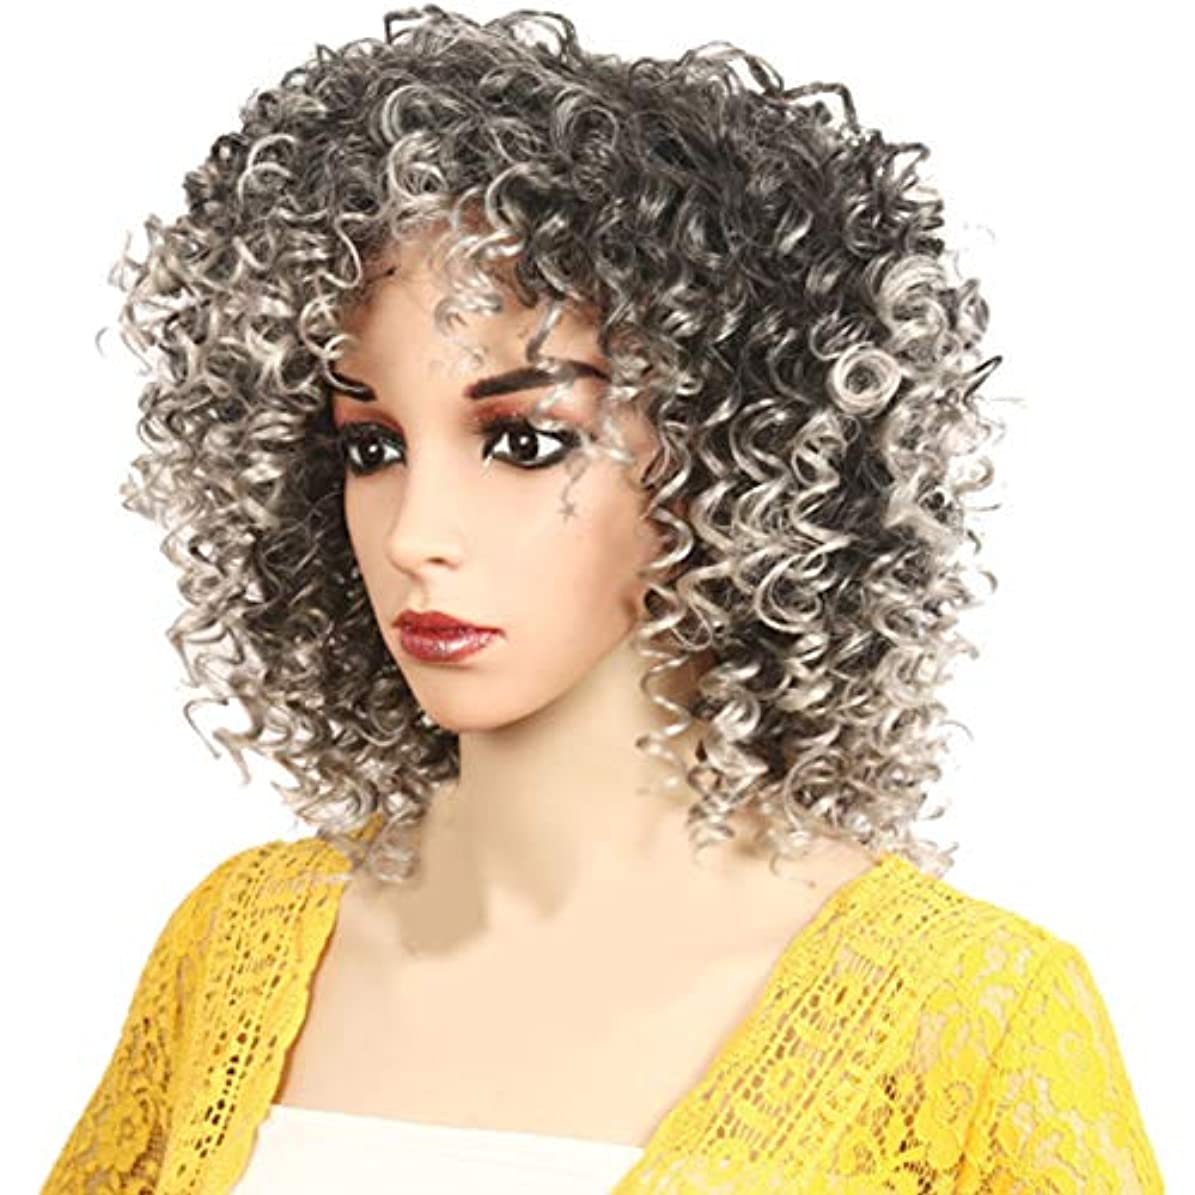 郡たくさん幅アフリカの黒人女性のかつら短い巻き毛のかつらふわふわ自然は低温二次形状で矯正することができます,Gray